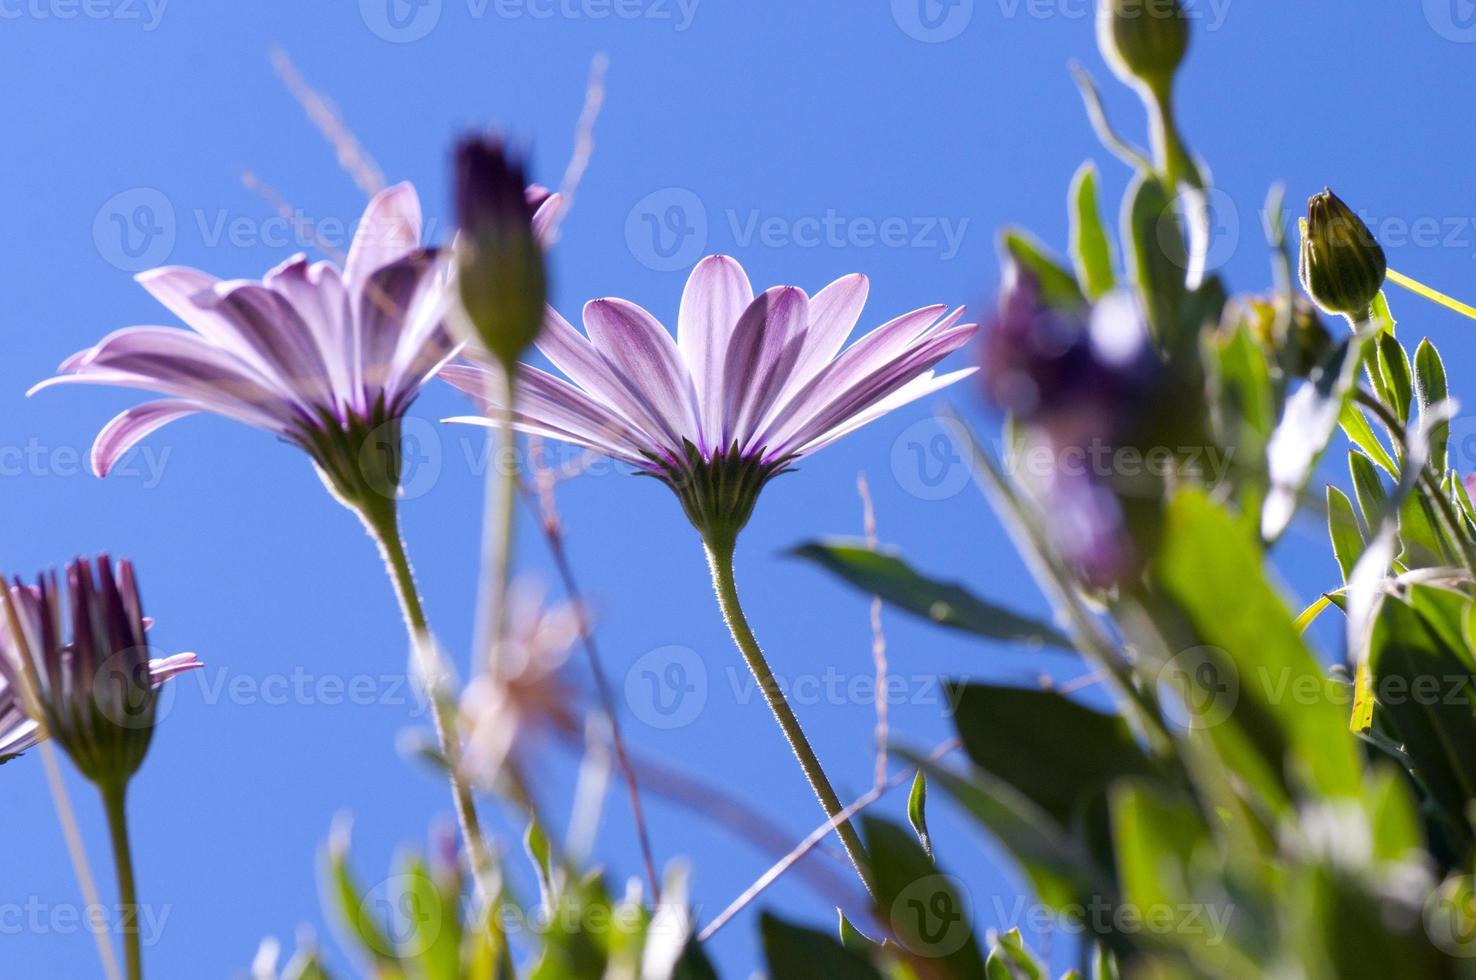 kleurrijke bloem op blauwe hemelachtergrond foto